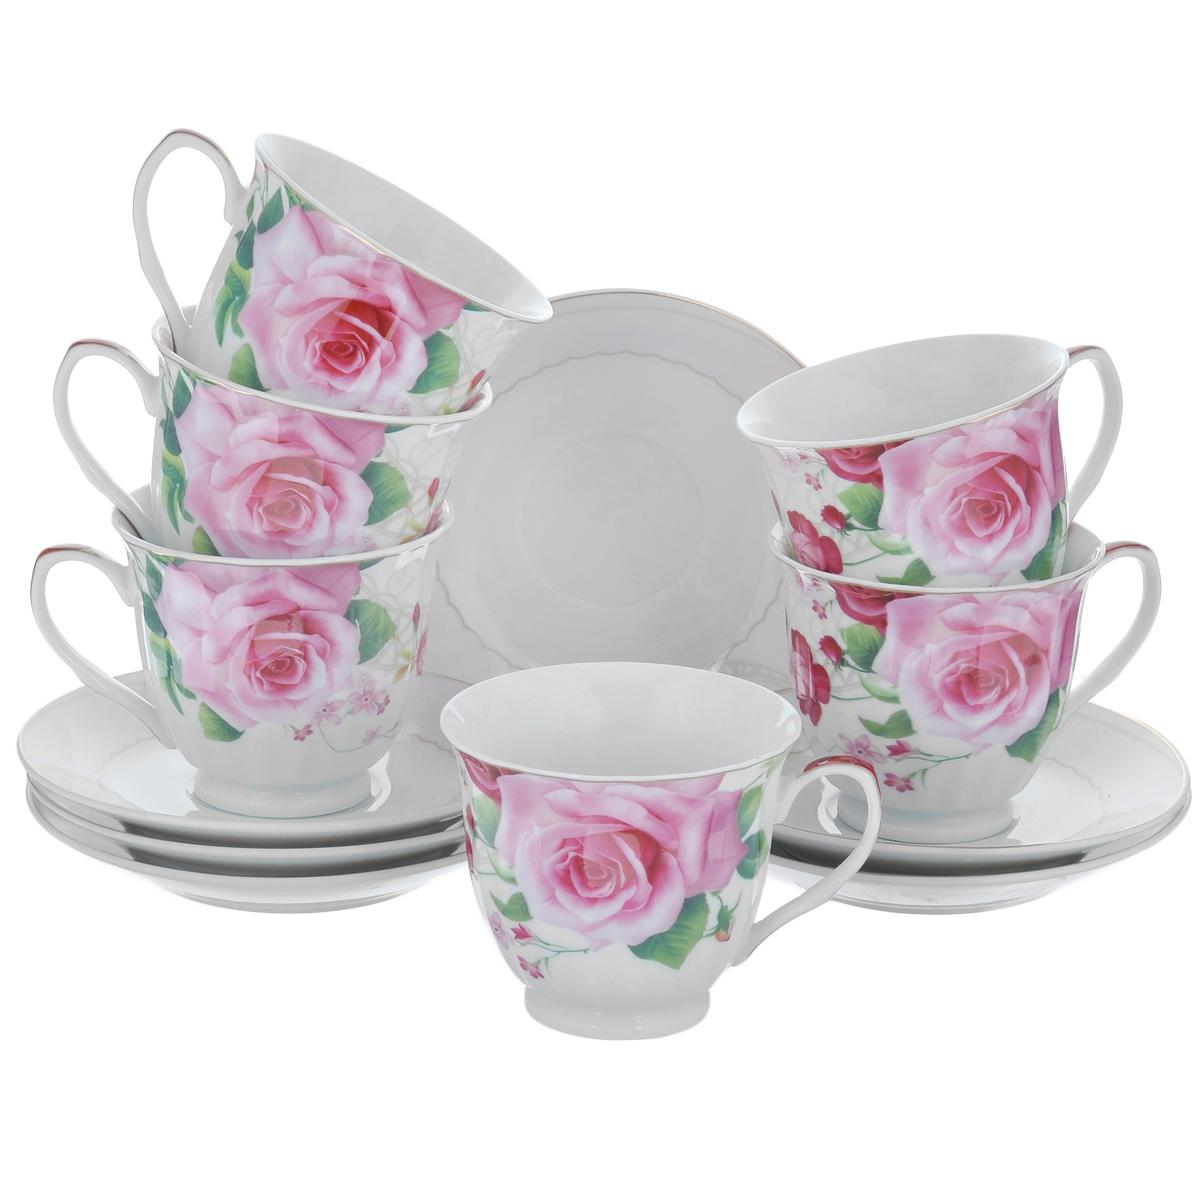 """Набор посуды """"Нежные розы"""", 12 предметов"""